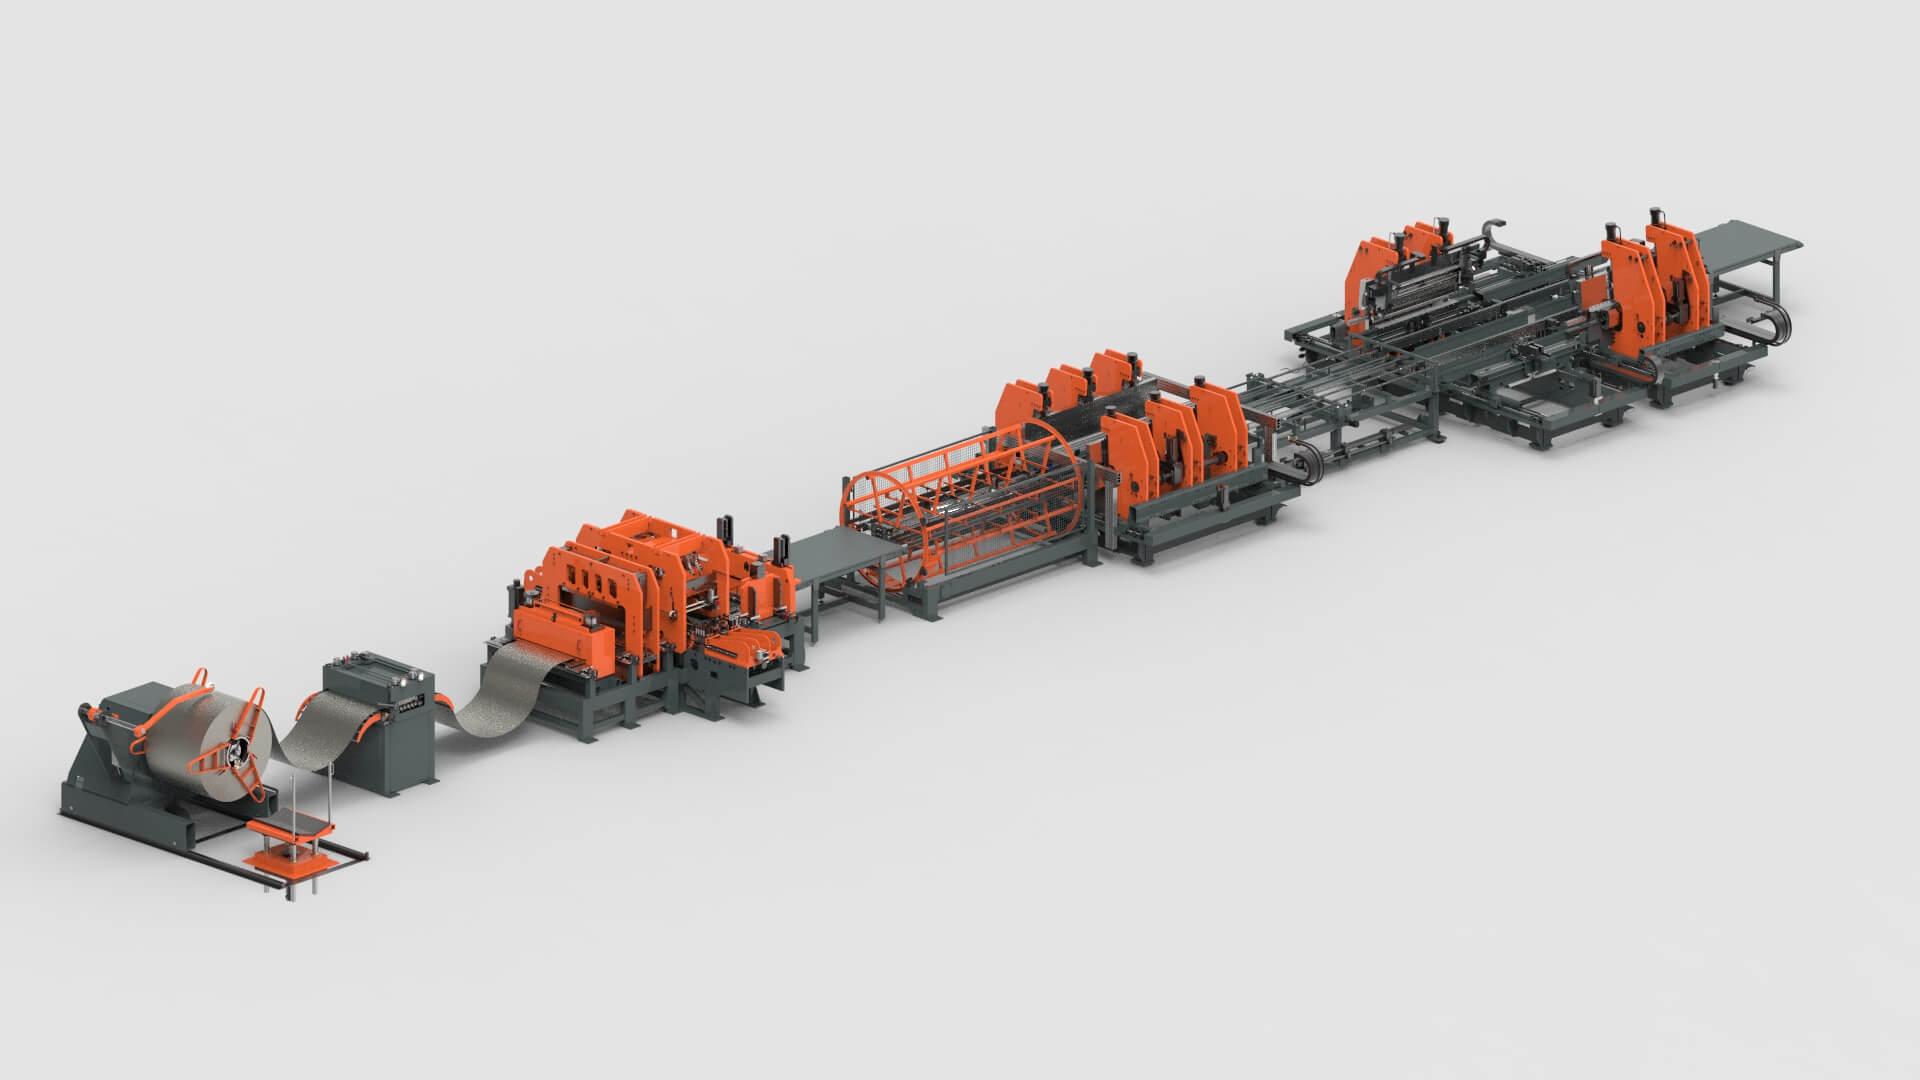 wemo-stalen-kasten-plaatbewerking-coil-ponsen-buigen-productielijn.jpg